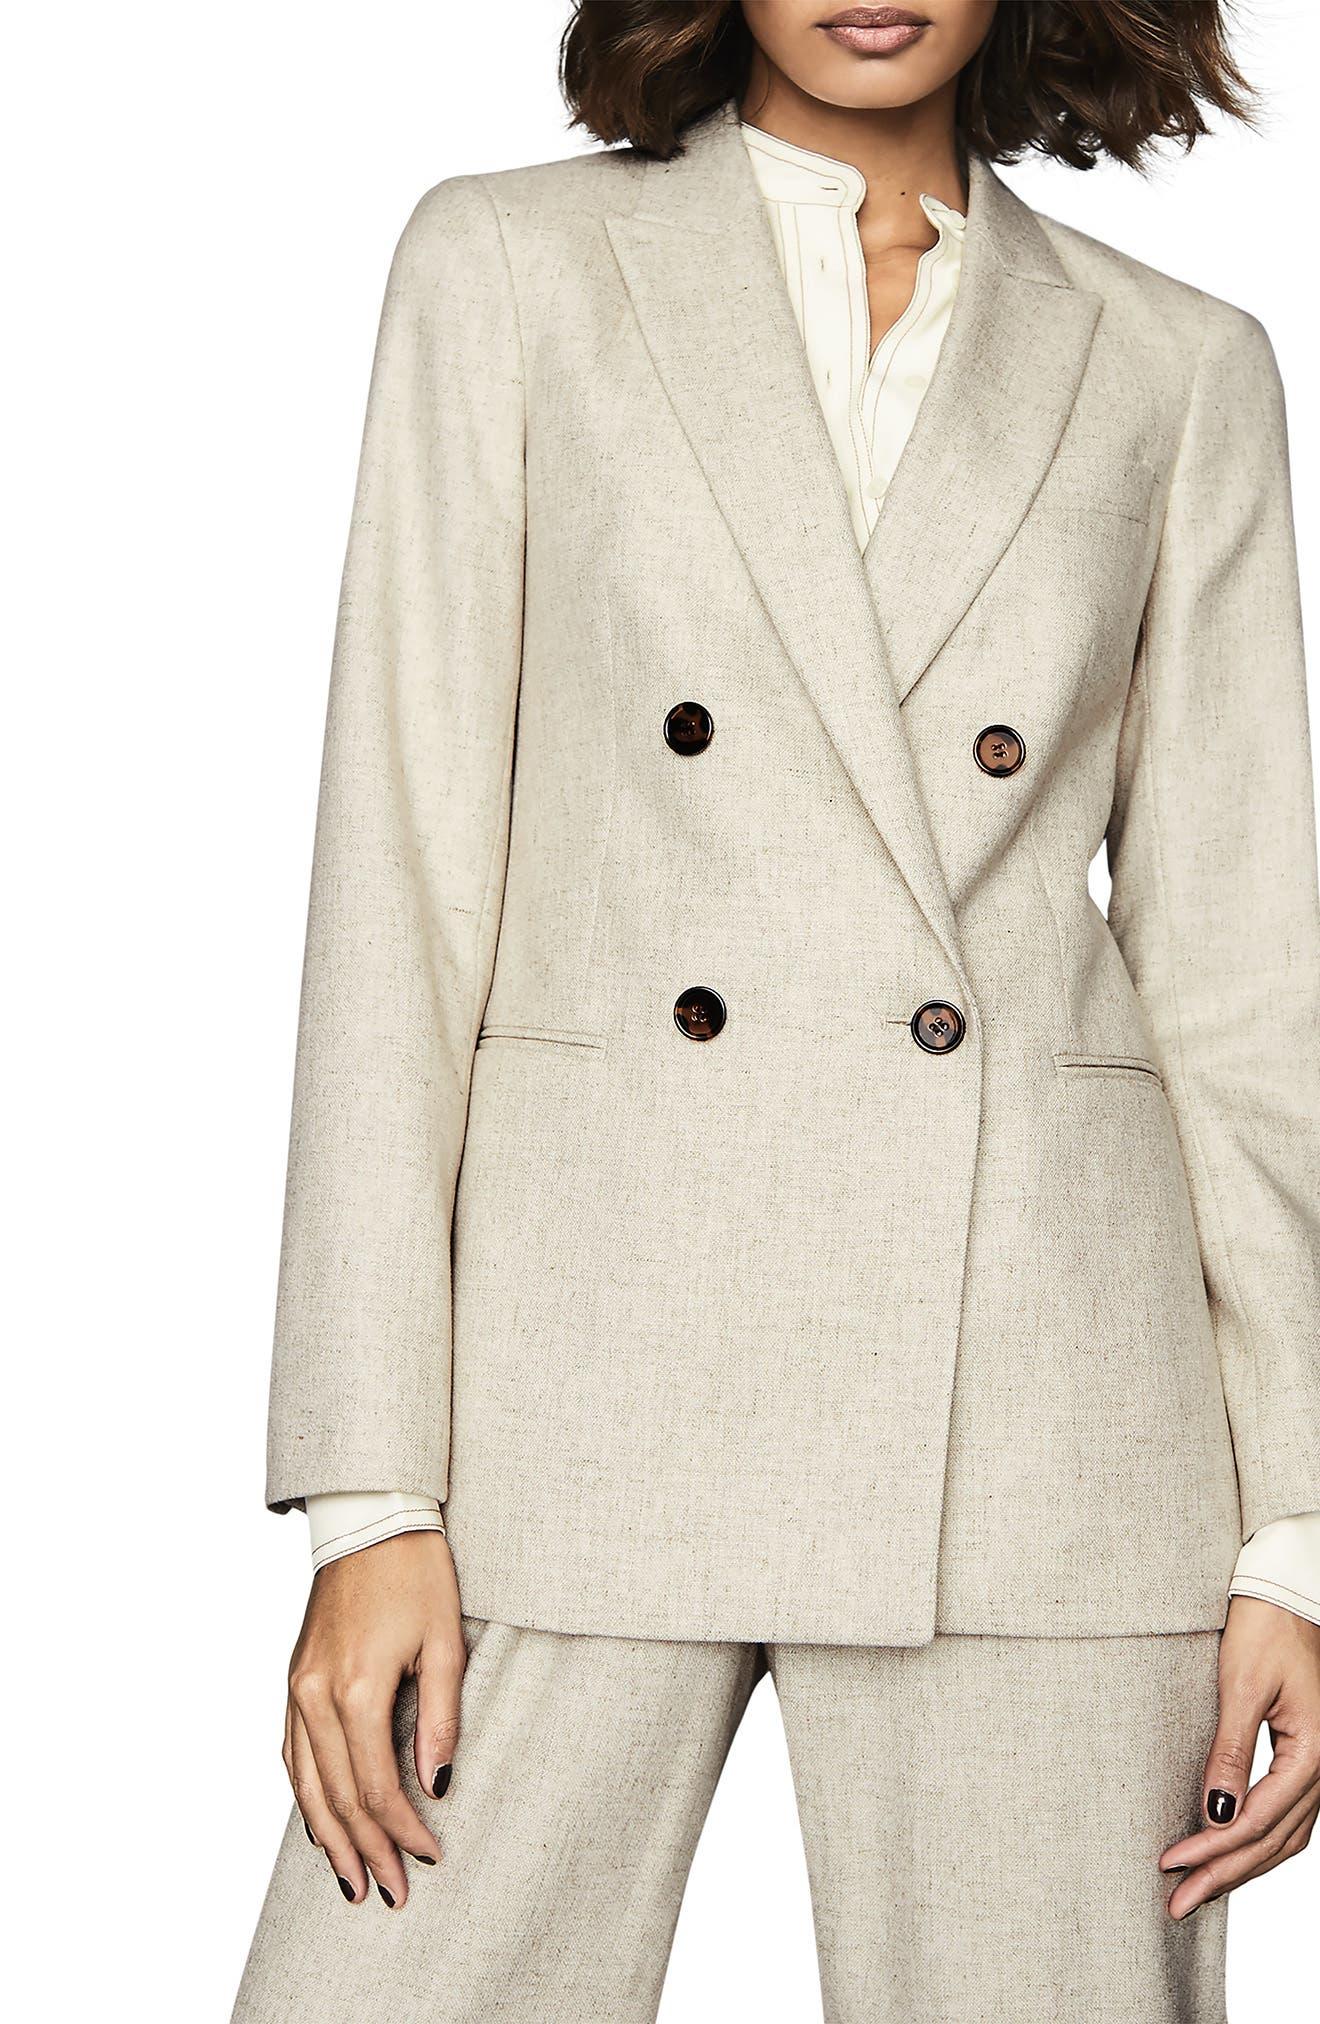 Reiss Lauren Double Breasted Suit Jacket